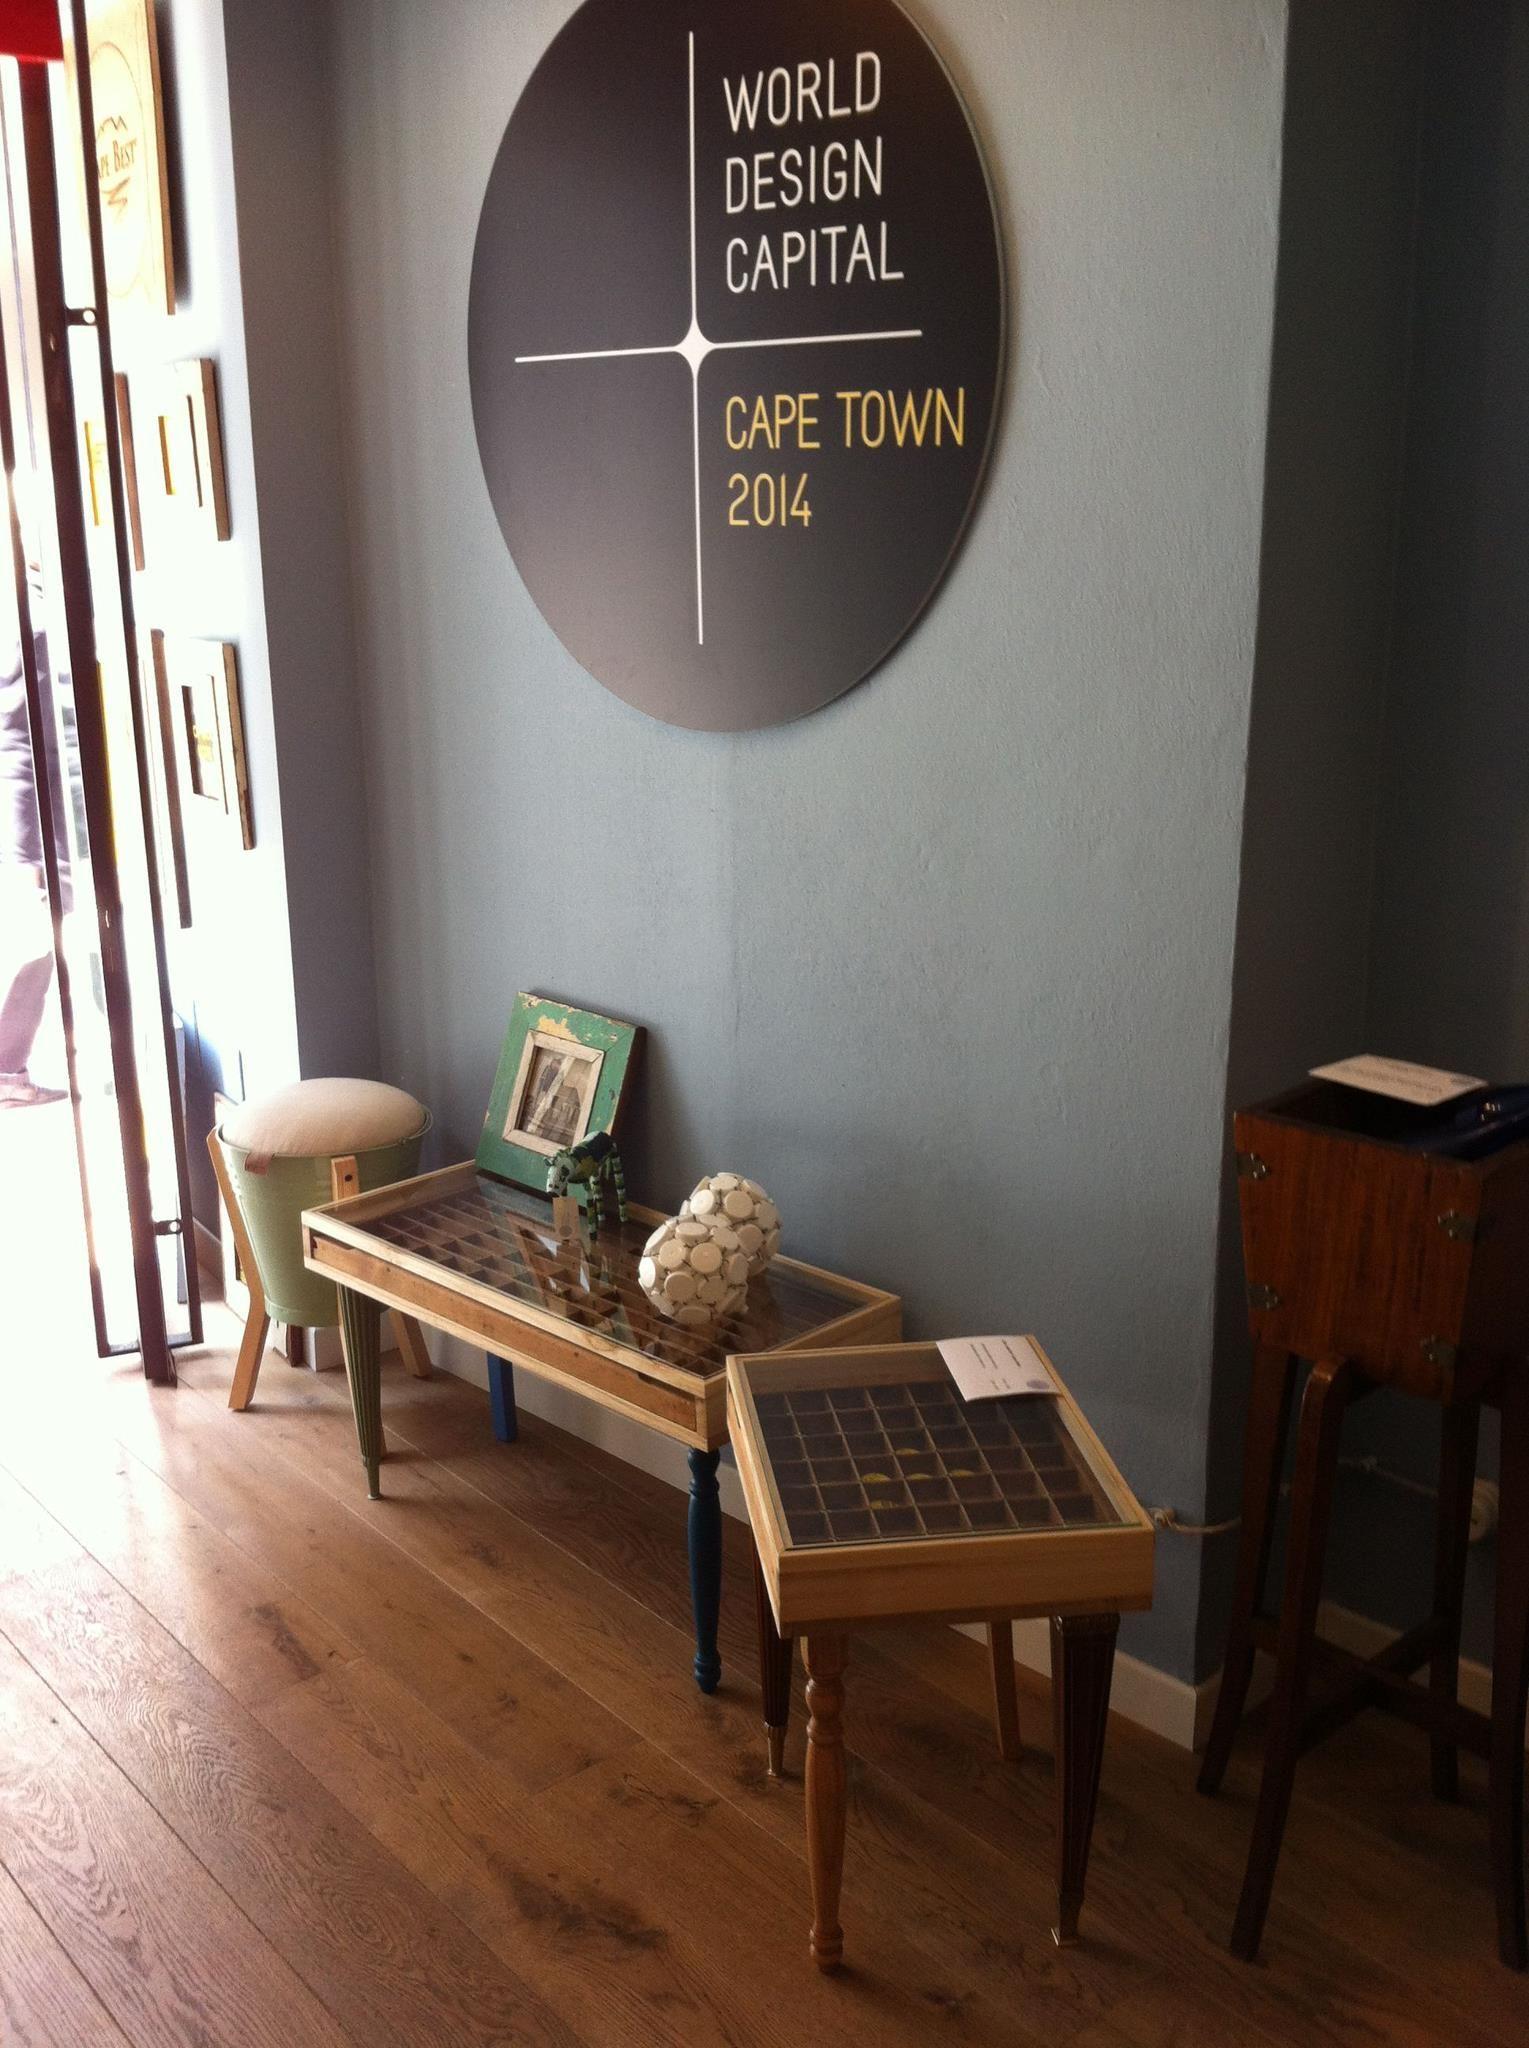 La nostra shop gallery ospita i talentuosi designer sudafricani. In occasione del Fuori Salone 2013, ma non solo....!